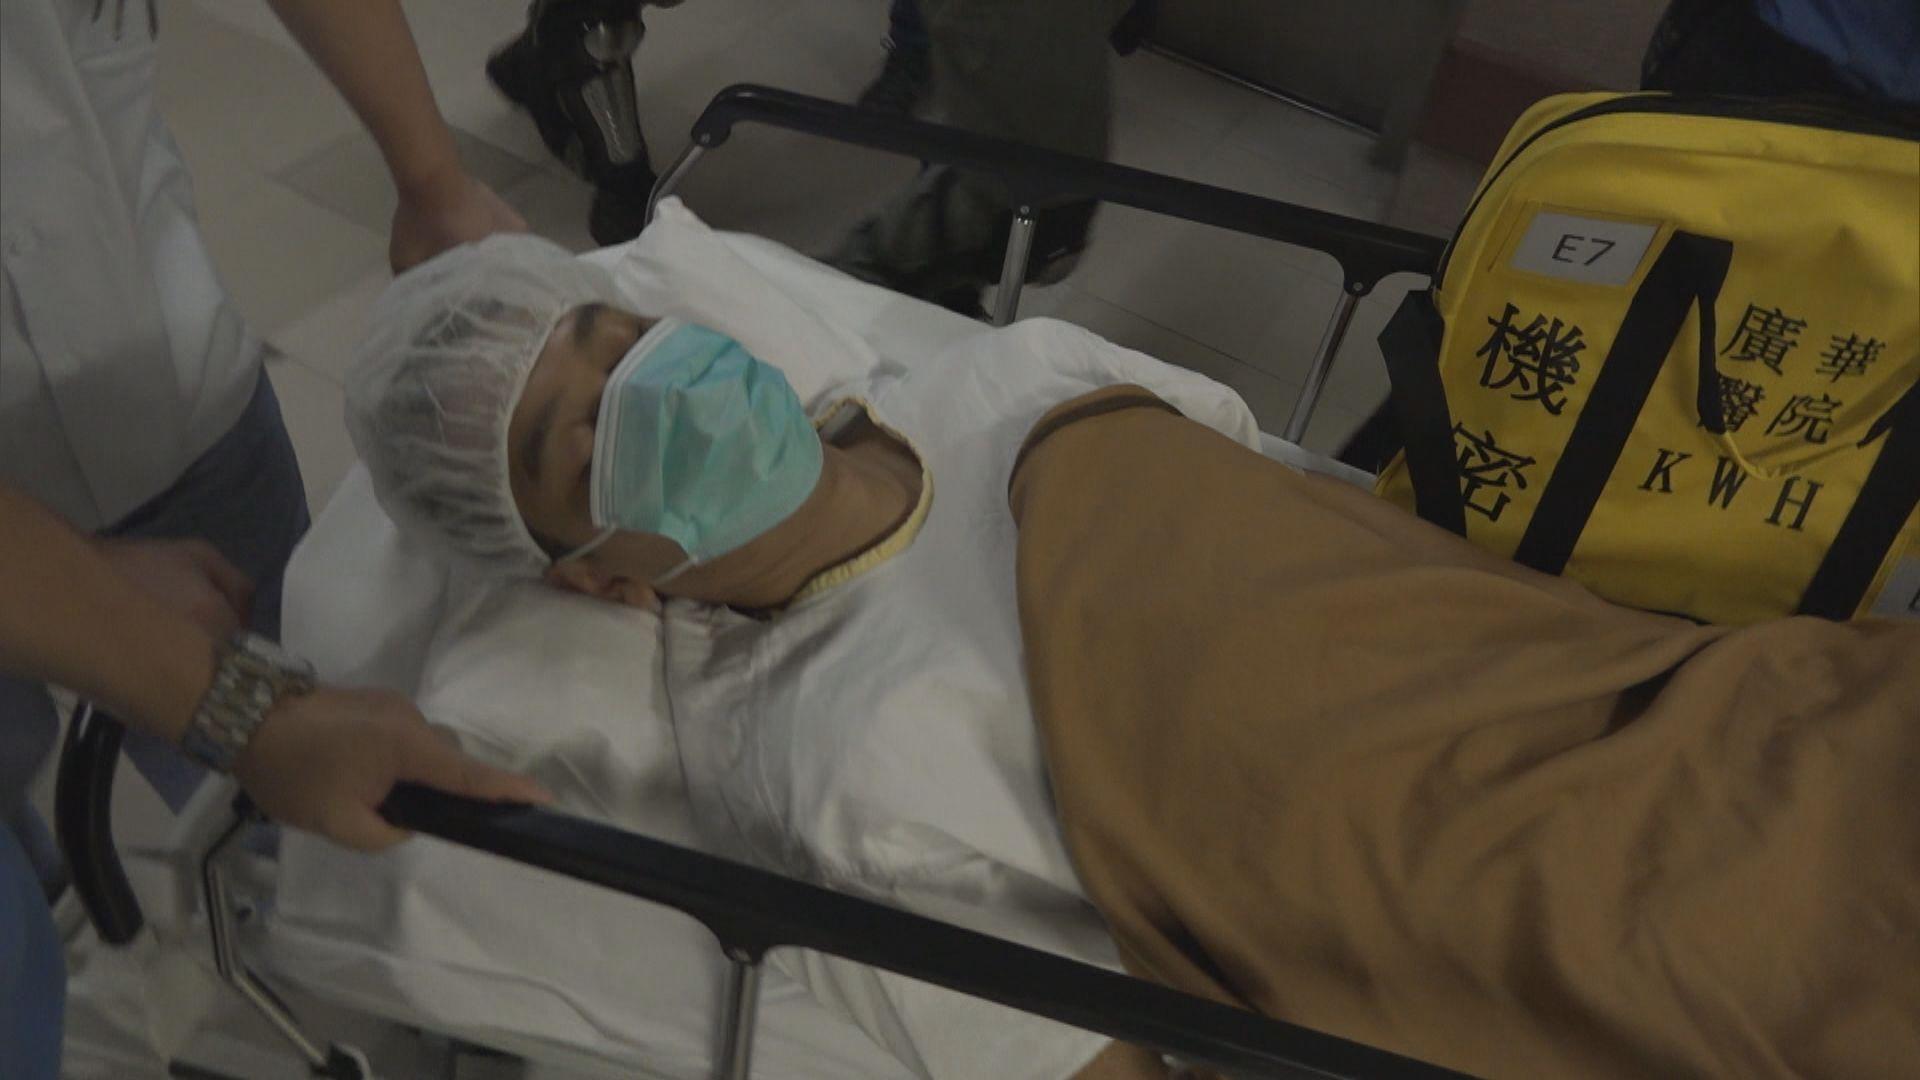 中箭警員需接受手術 警方嚴厲譴責暴徒